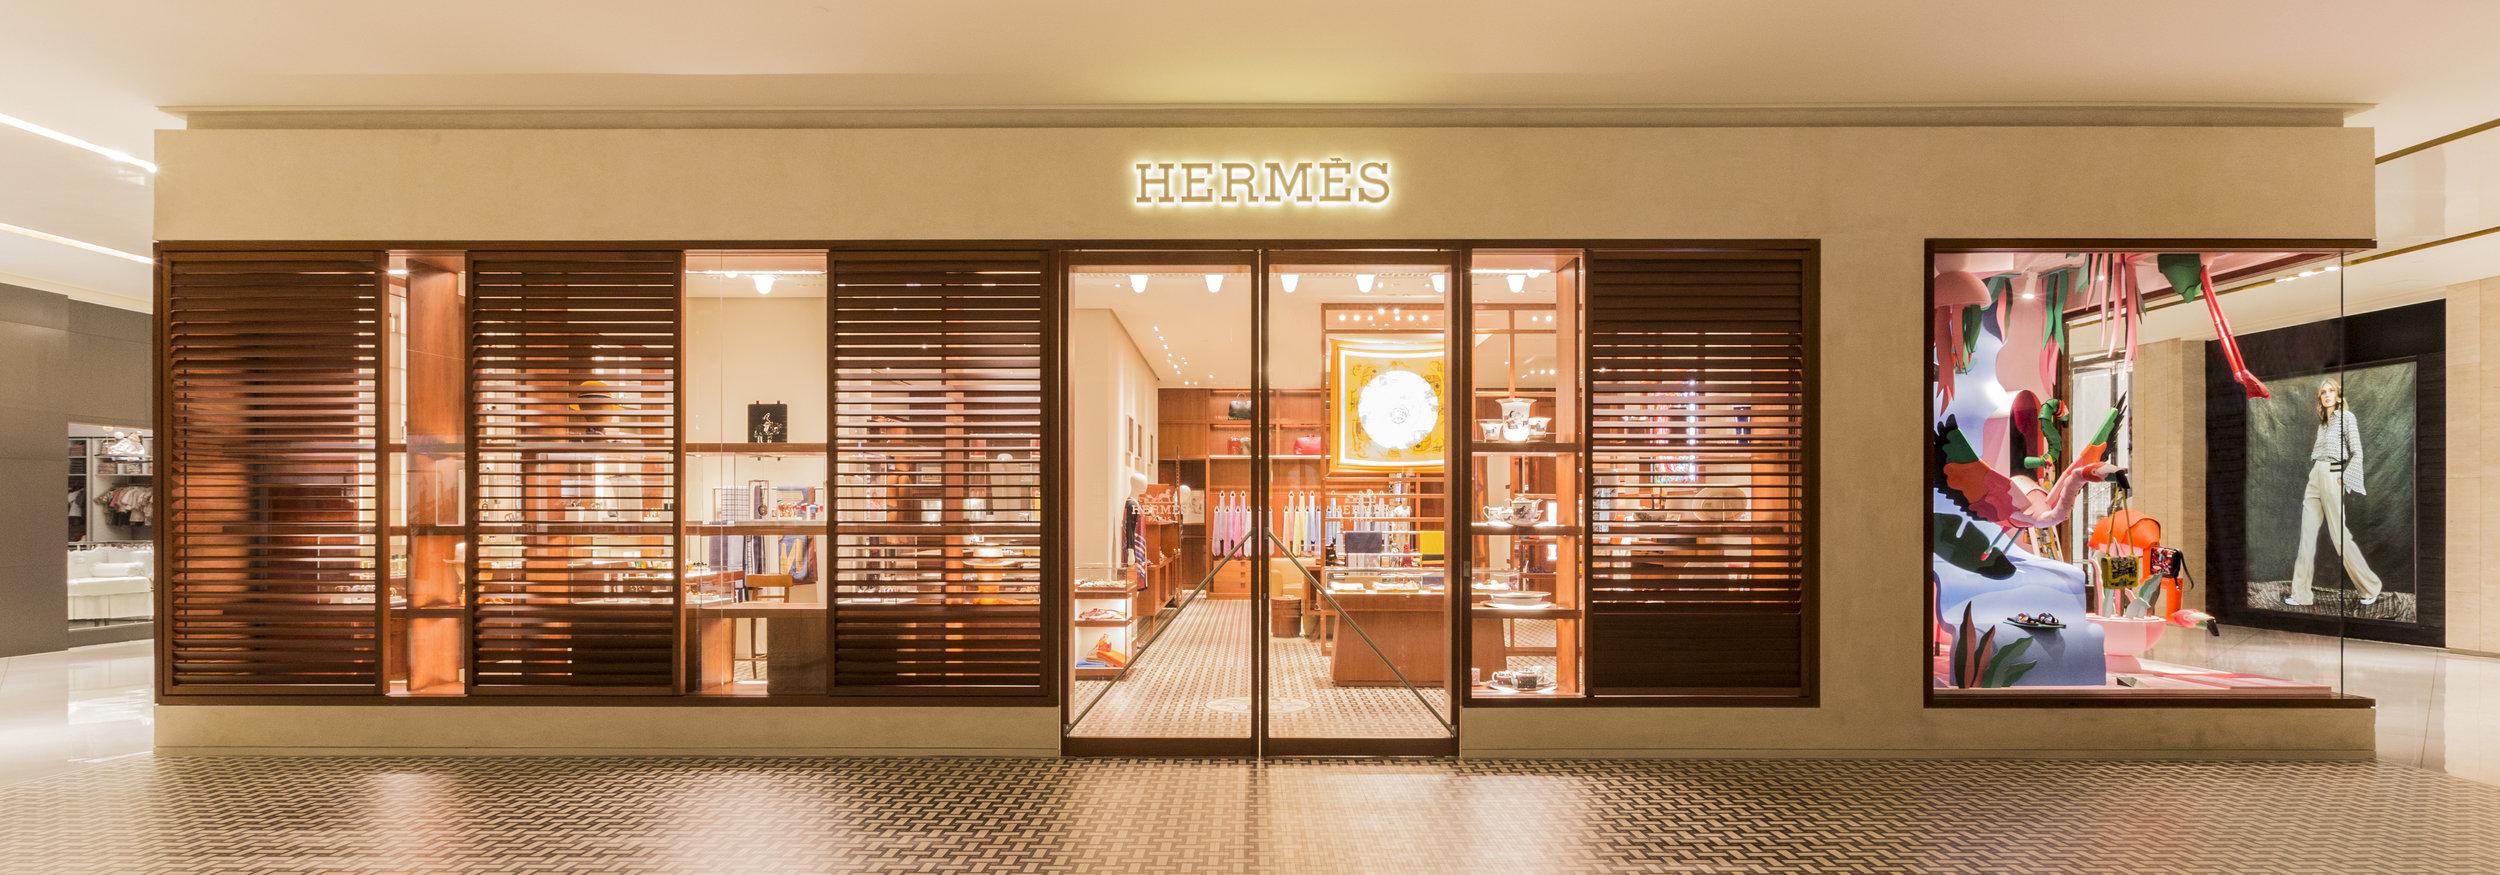 HeavyEyes_HermesBrazil_window3.jpg